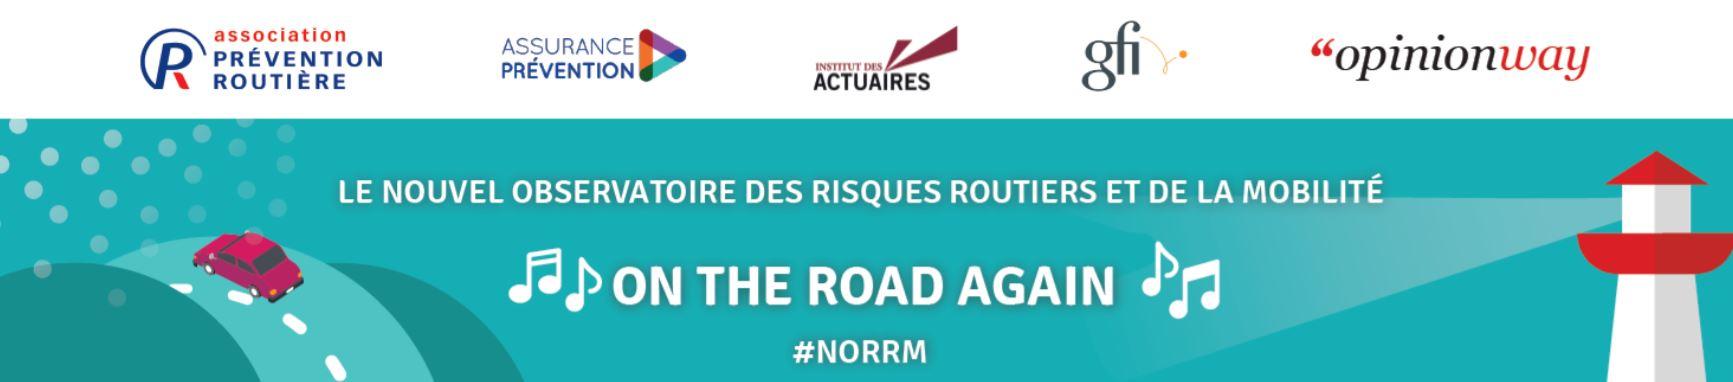 On the road again nouvel onbservatoire des risques routiers